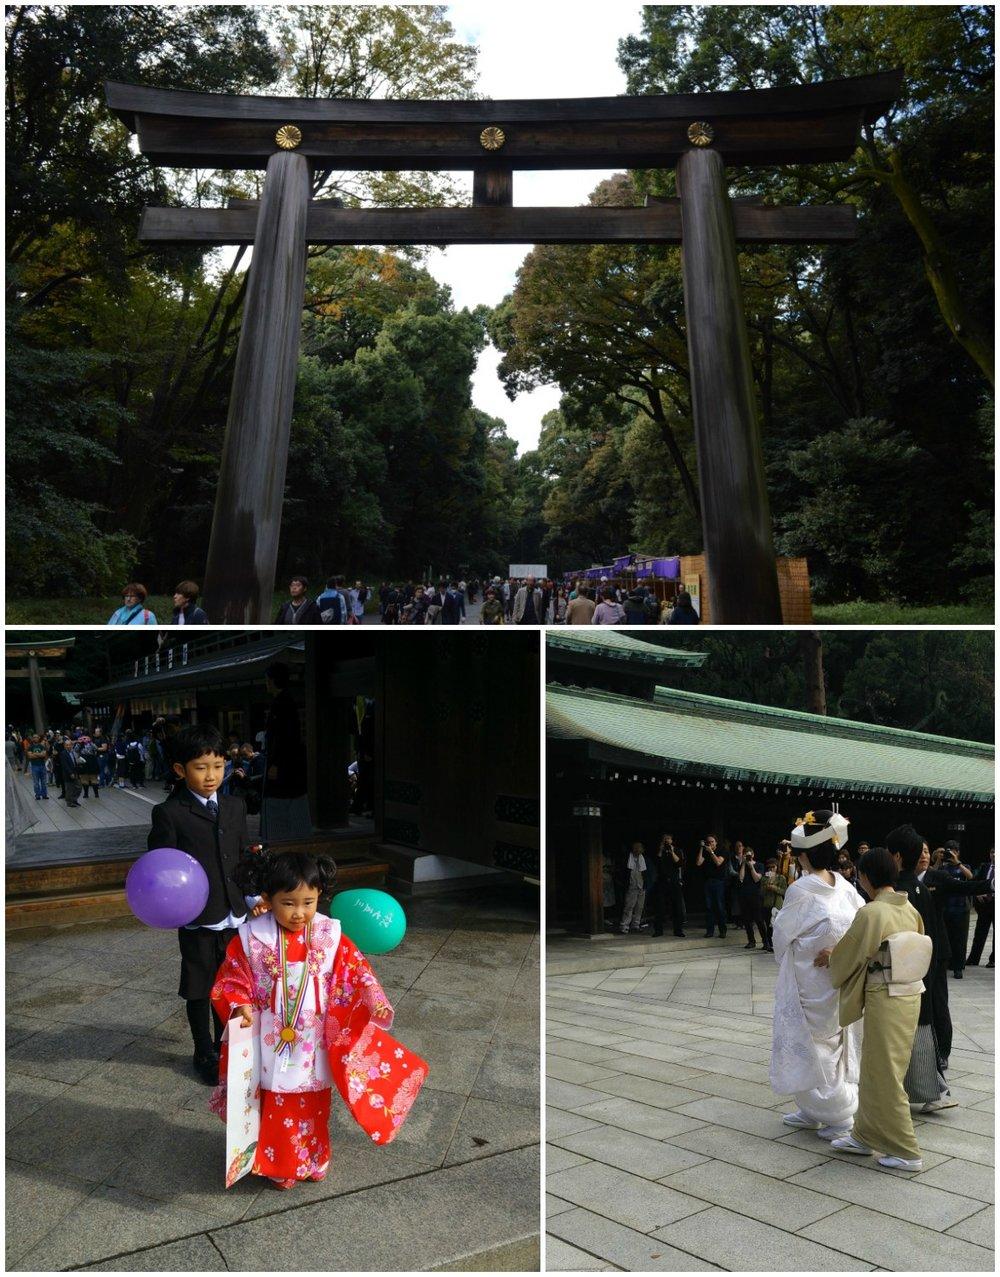 Πύλες torii σε μία κυριακάτικη βόλτα στο Τόκιο